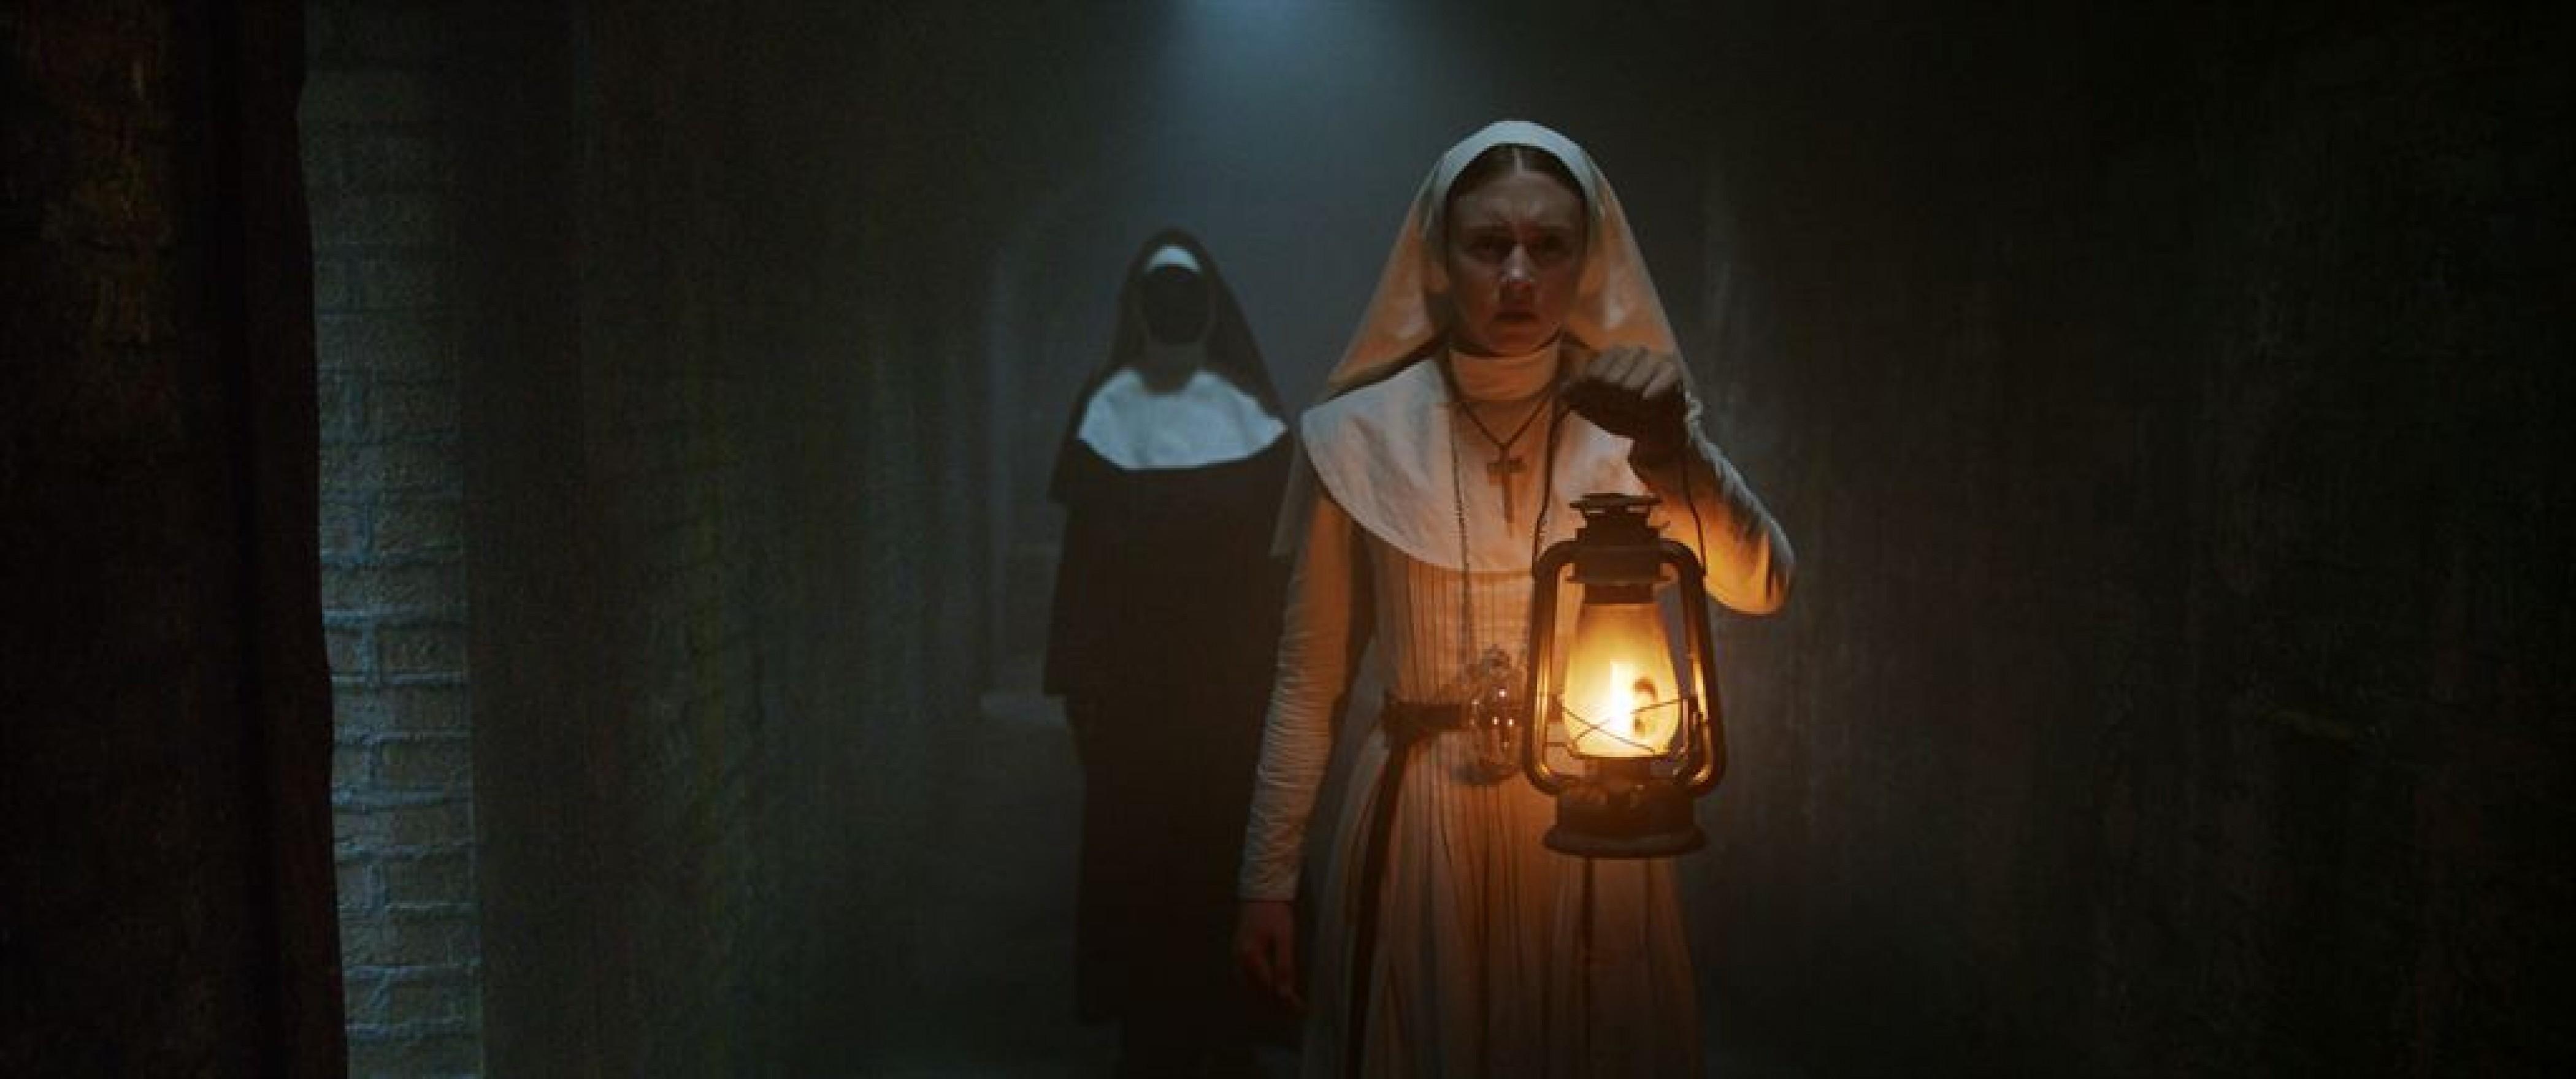 Crítica de 'La Monja': pasarás miedo de verdad